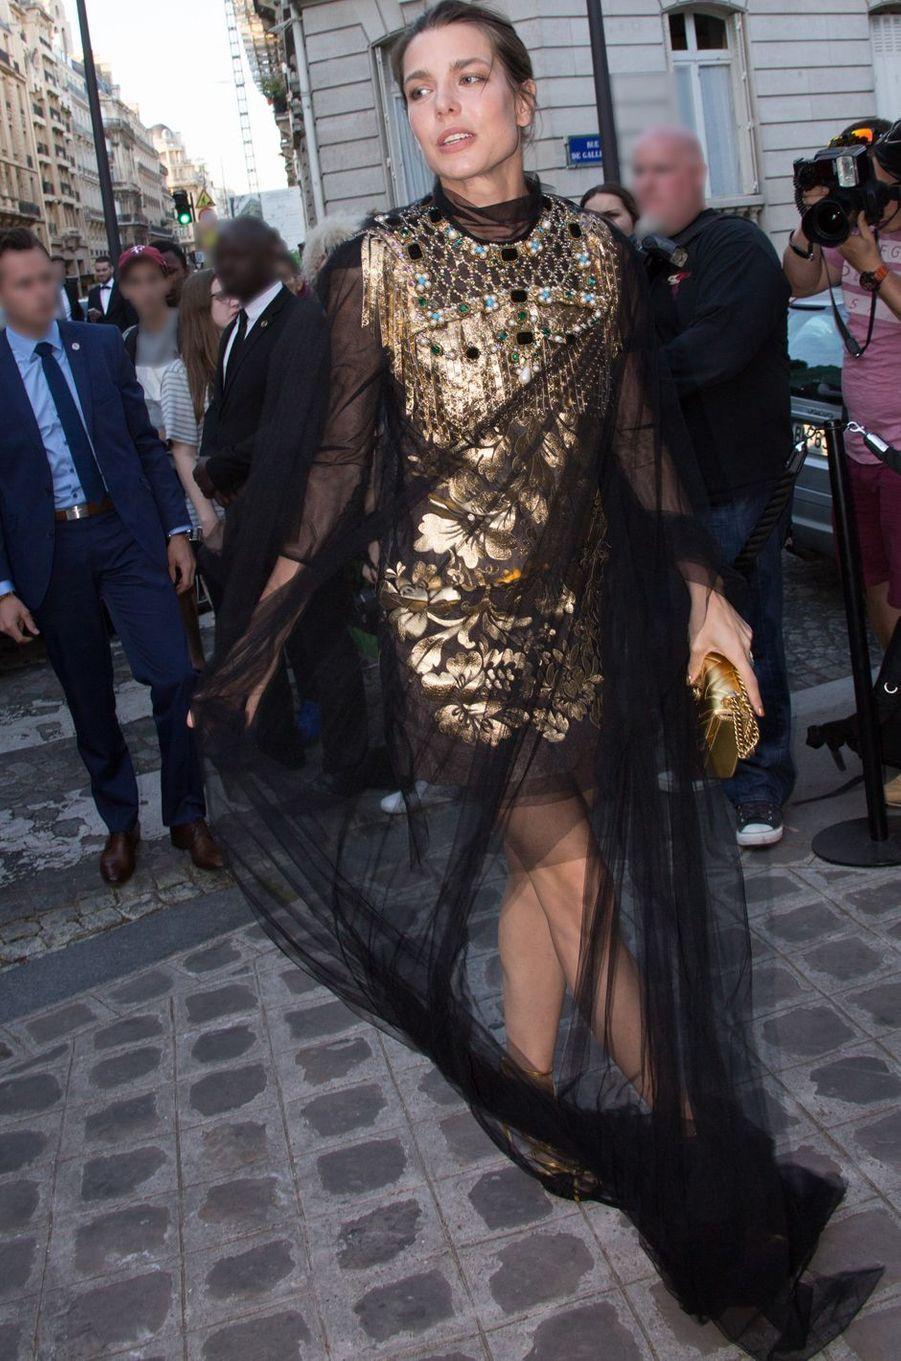 En pleine Fashion week, Charlotte Casiraghi figurait ce mardi 5 juillet au soir au nombre des invités, triés sur le volet, du très chic gala de la Vogue Paris Foundation.